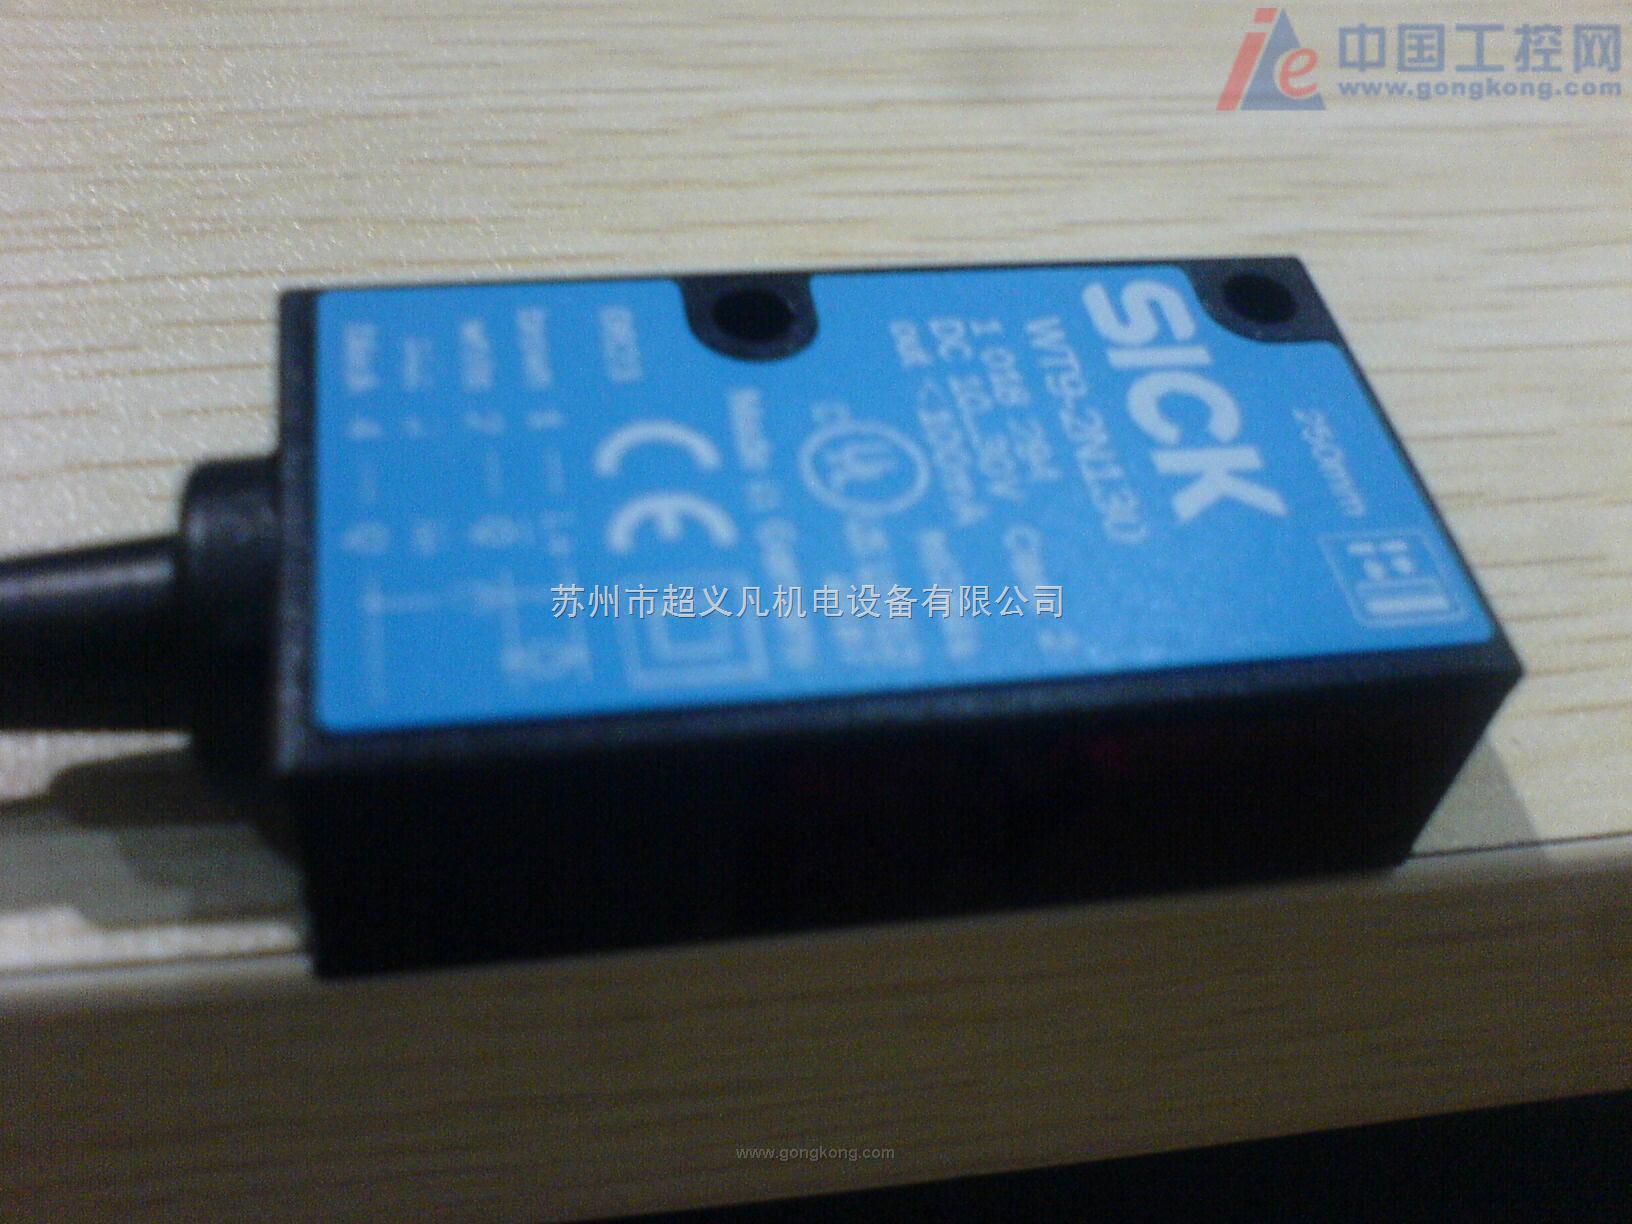 施克sick光电传感器wt9-2p641